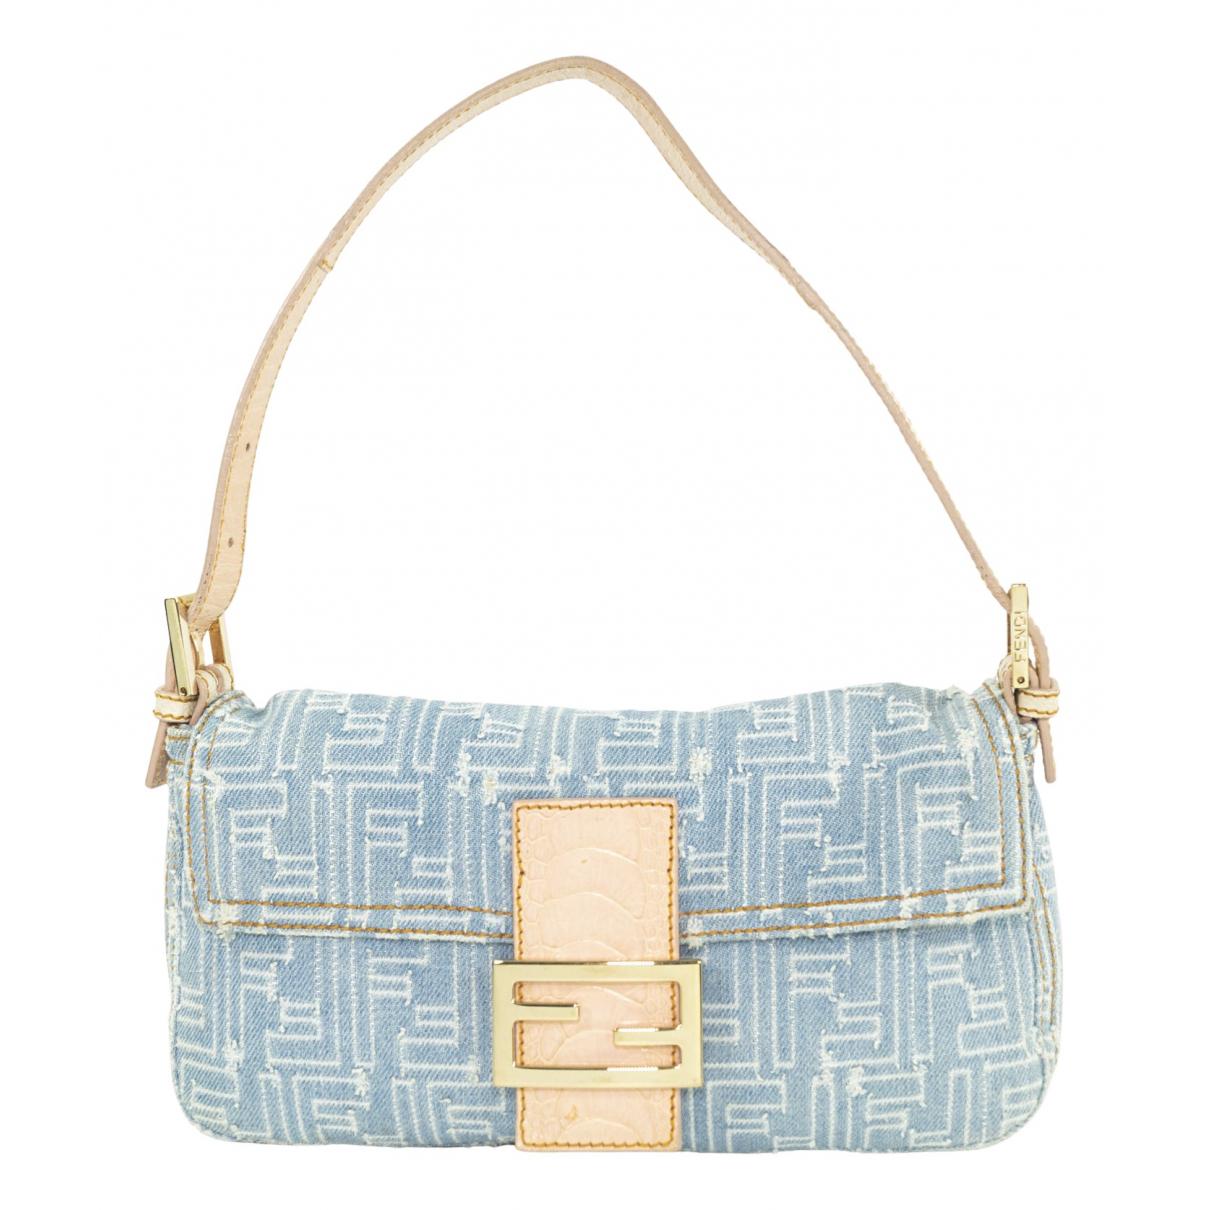 Fendi Baguette Blue Denim - Jeans handbag for Women N